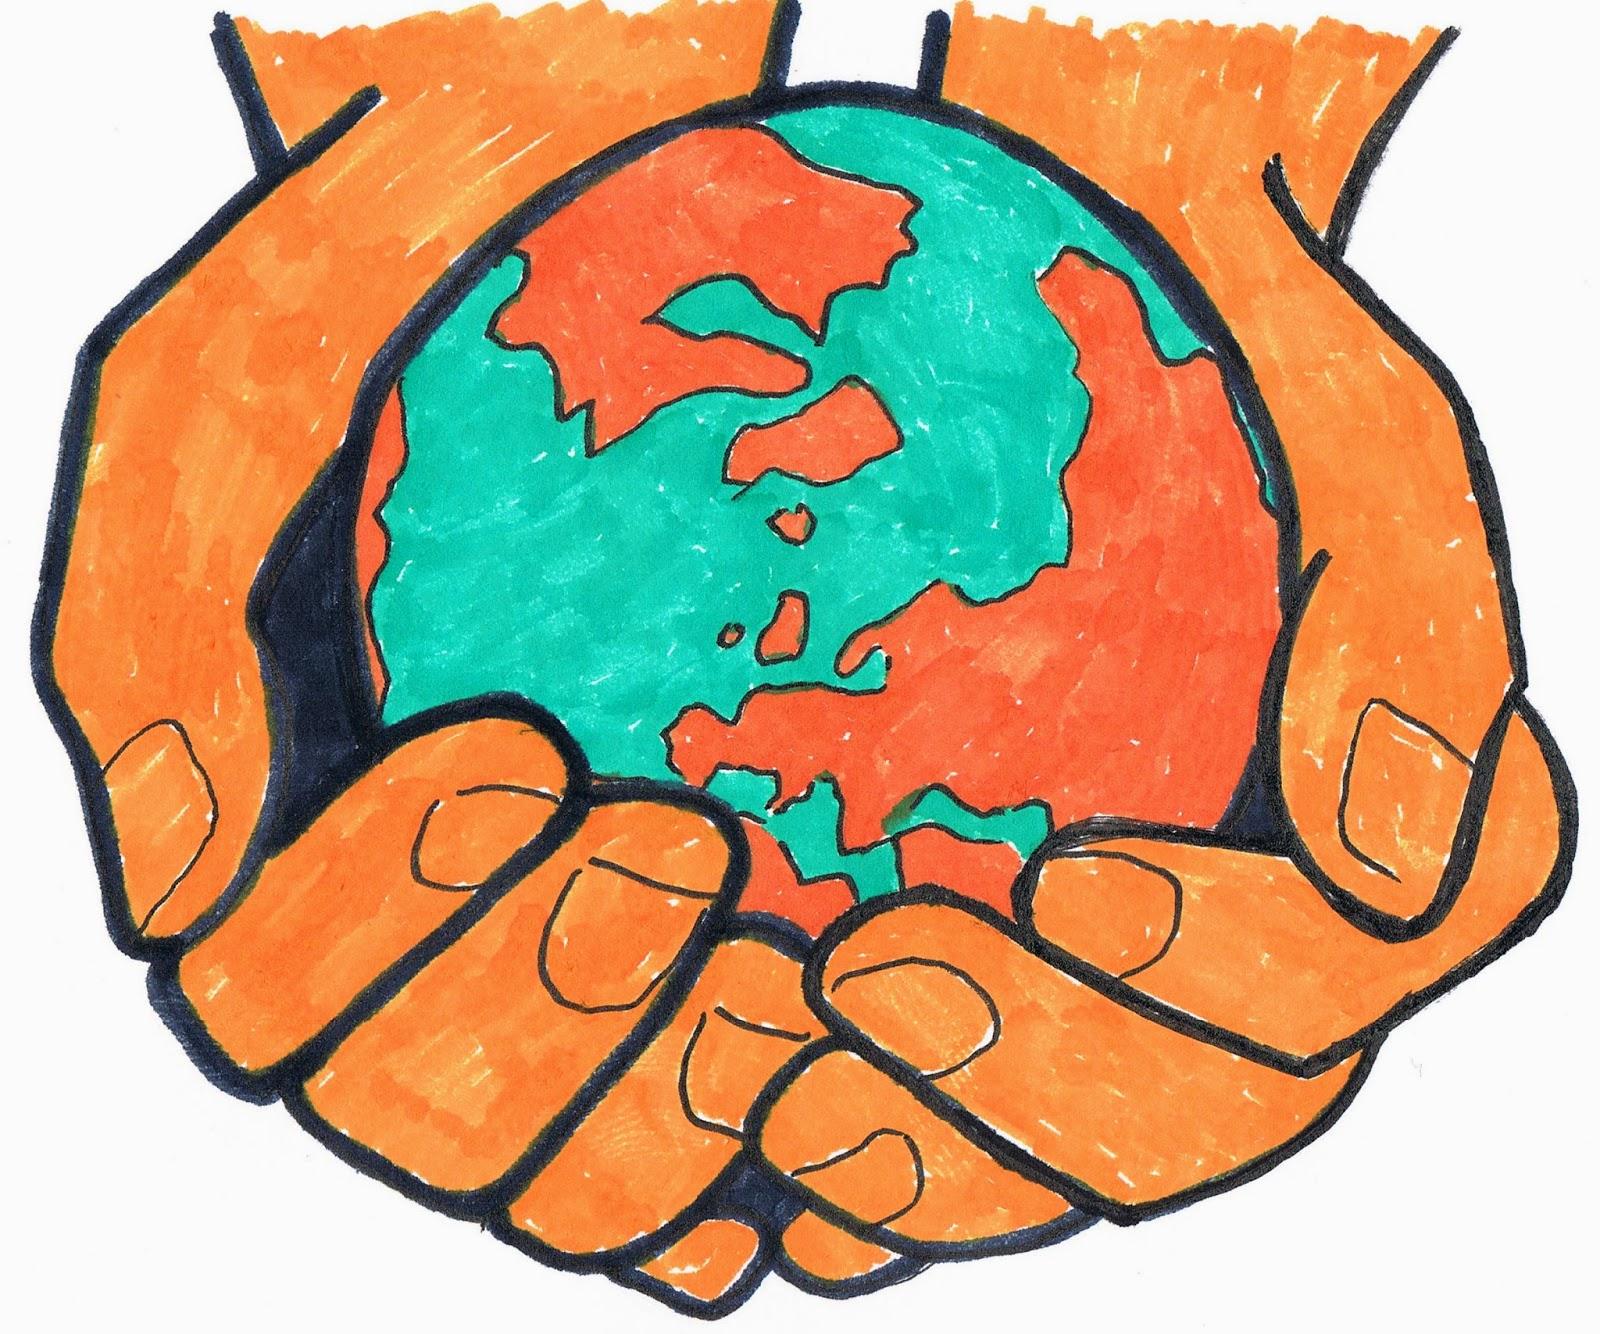 Greenwashing O Engañar Con El Medio Ambiente